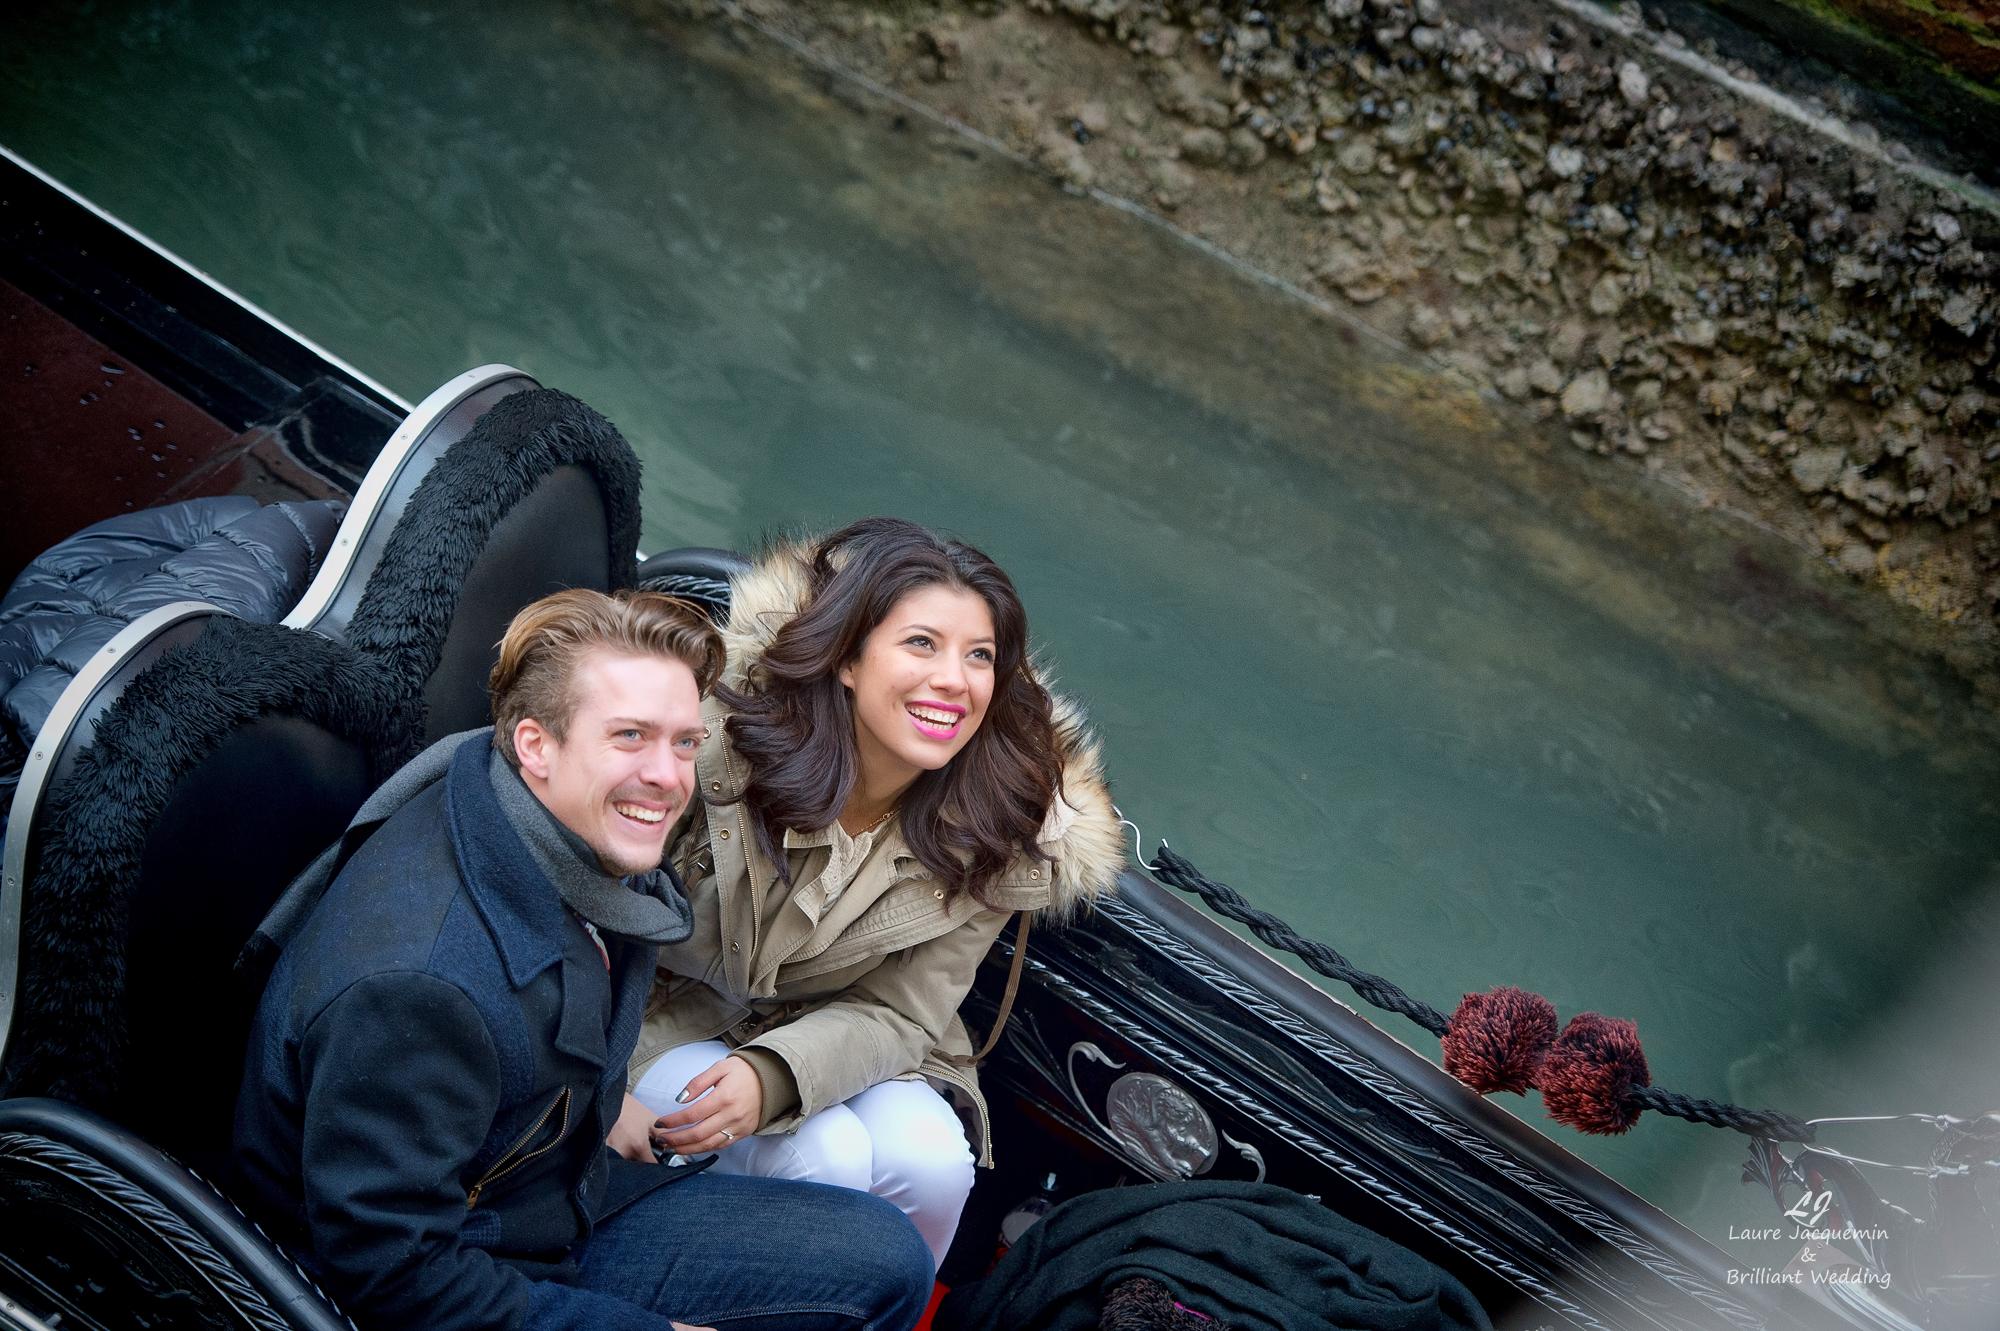 Mariage Venise Photographe fiancailles demande en mariage laure jacquemin   (50)